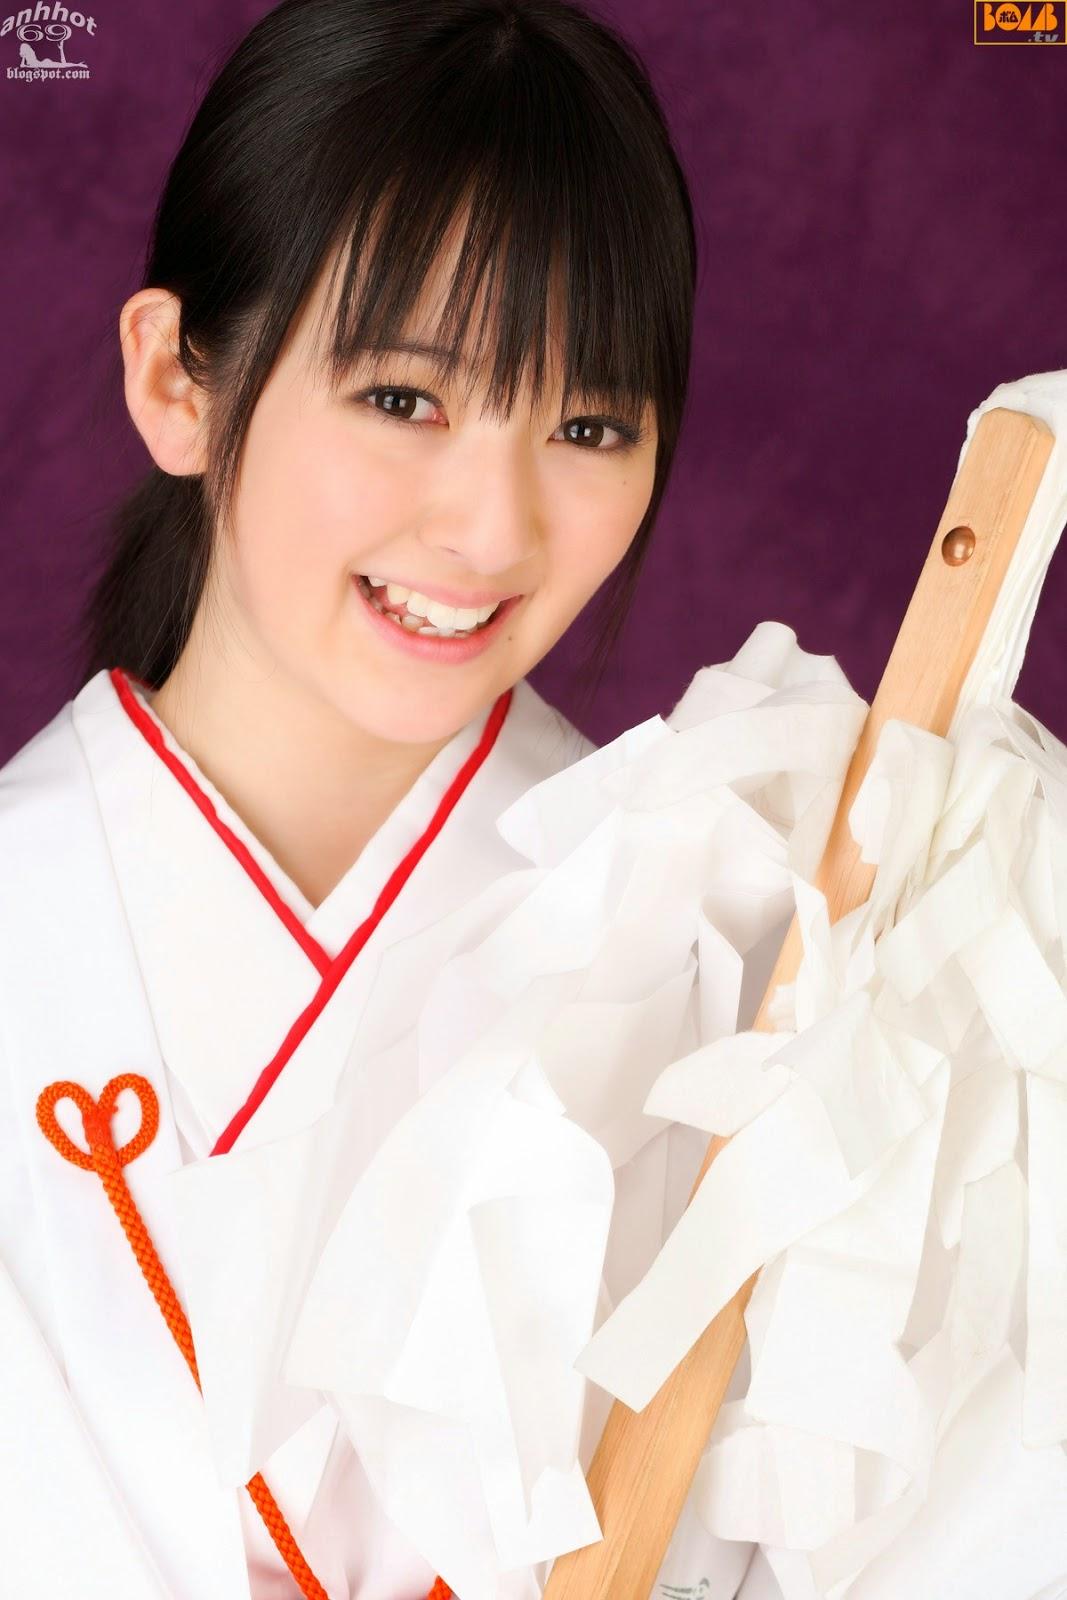 saki-takayama-01316313